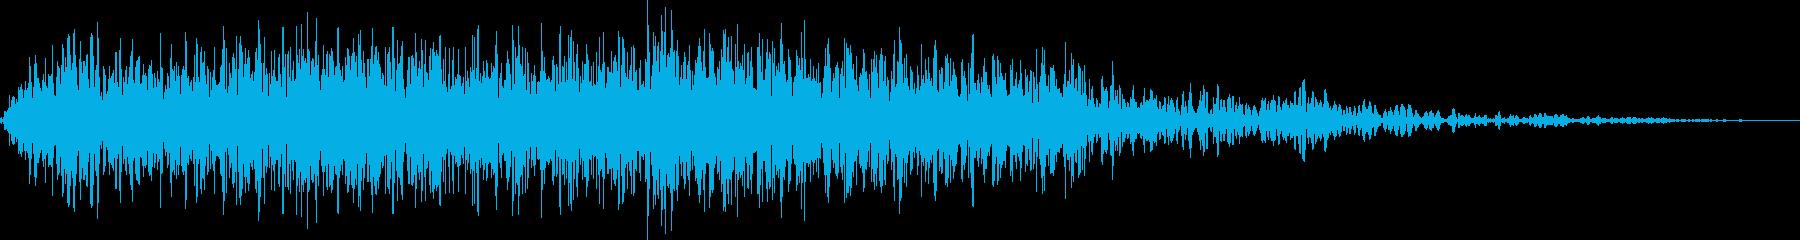 ゴブリンの鳴き声(人間大のモンスター)の再生済みの波形